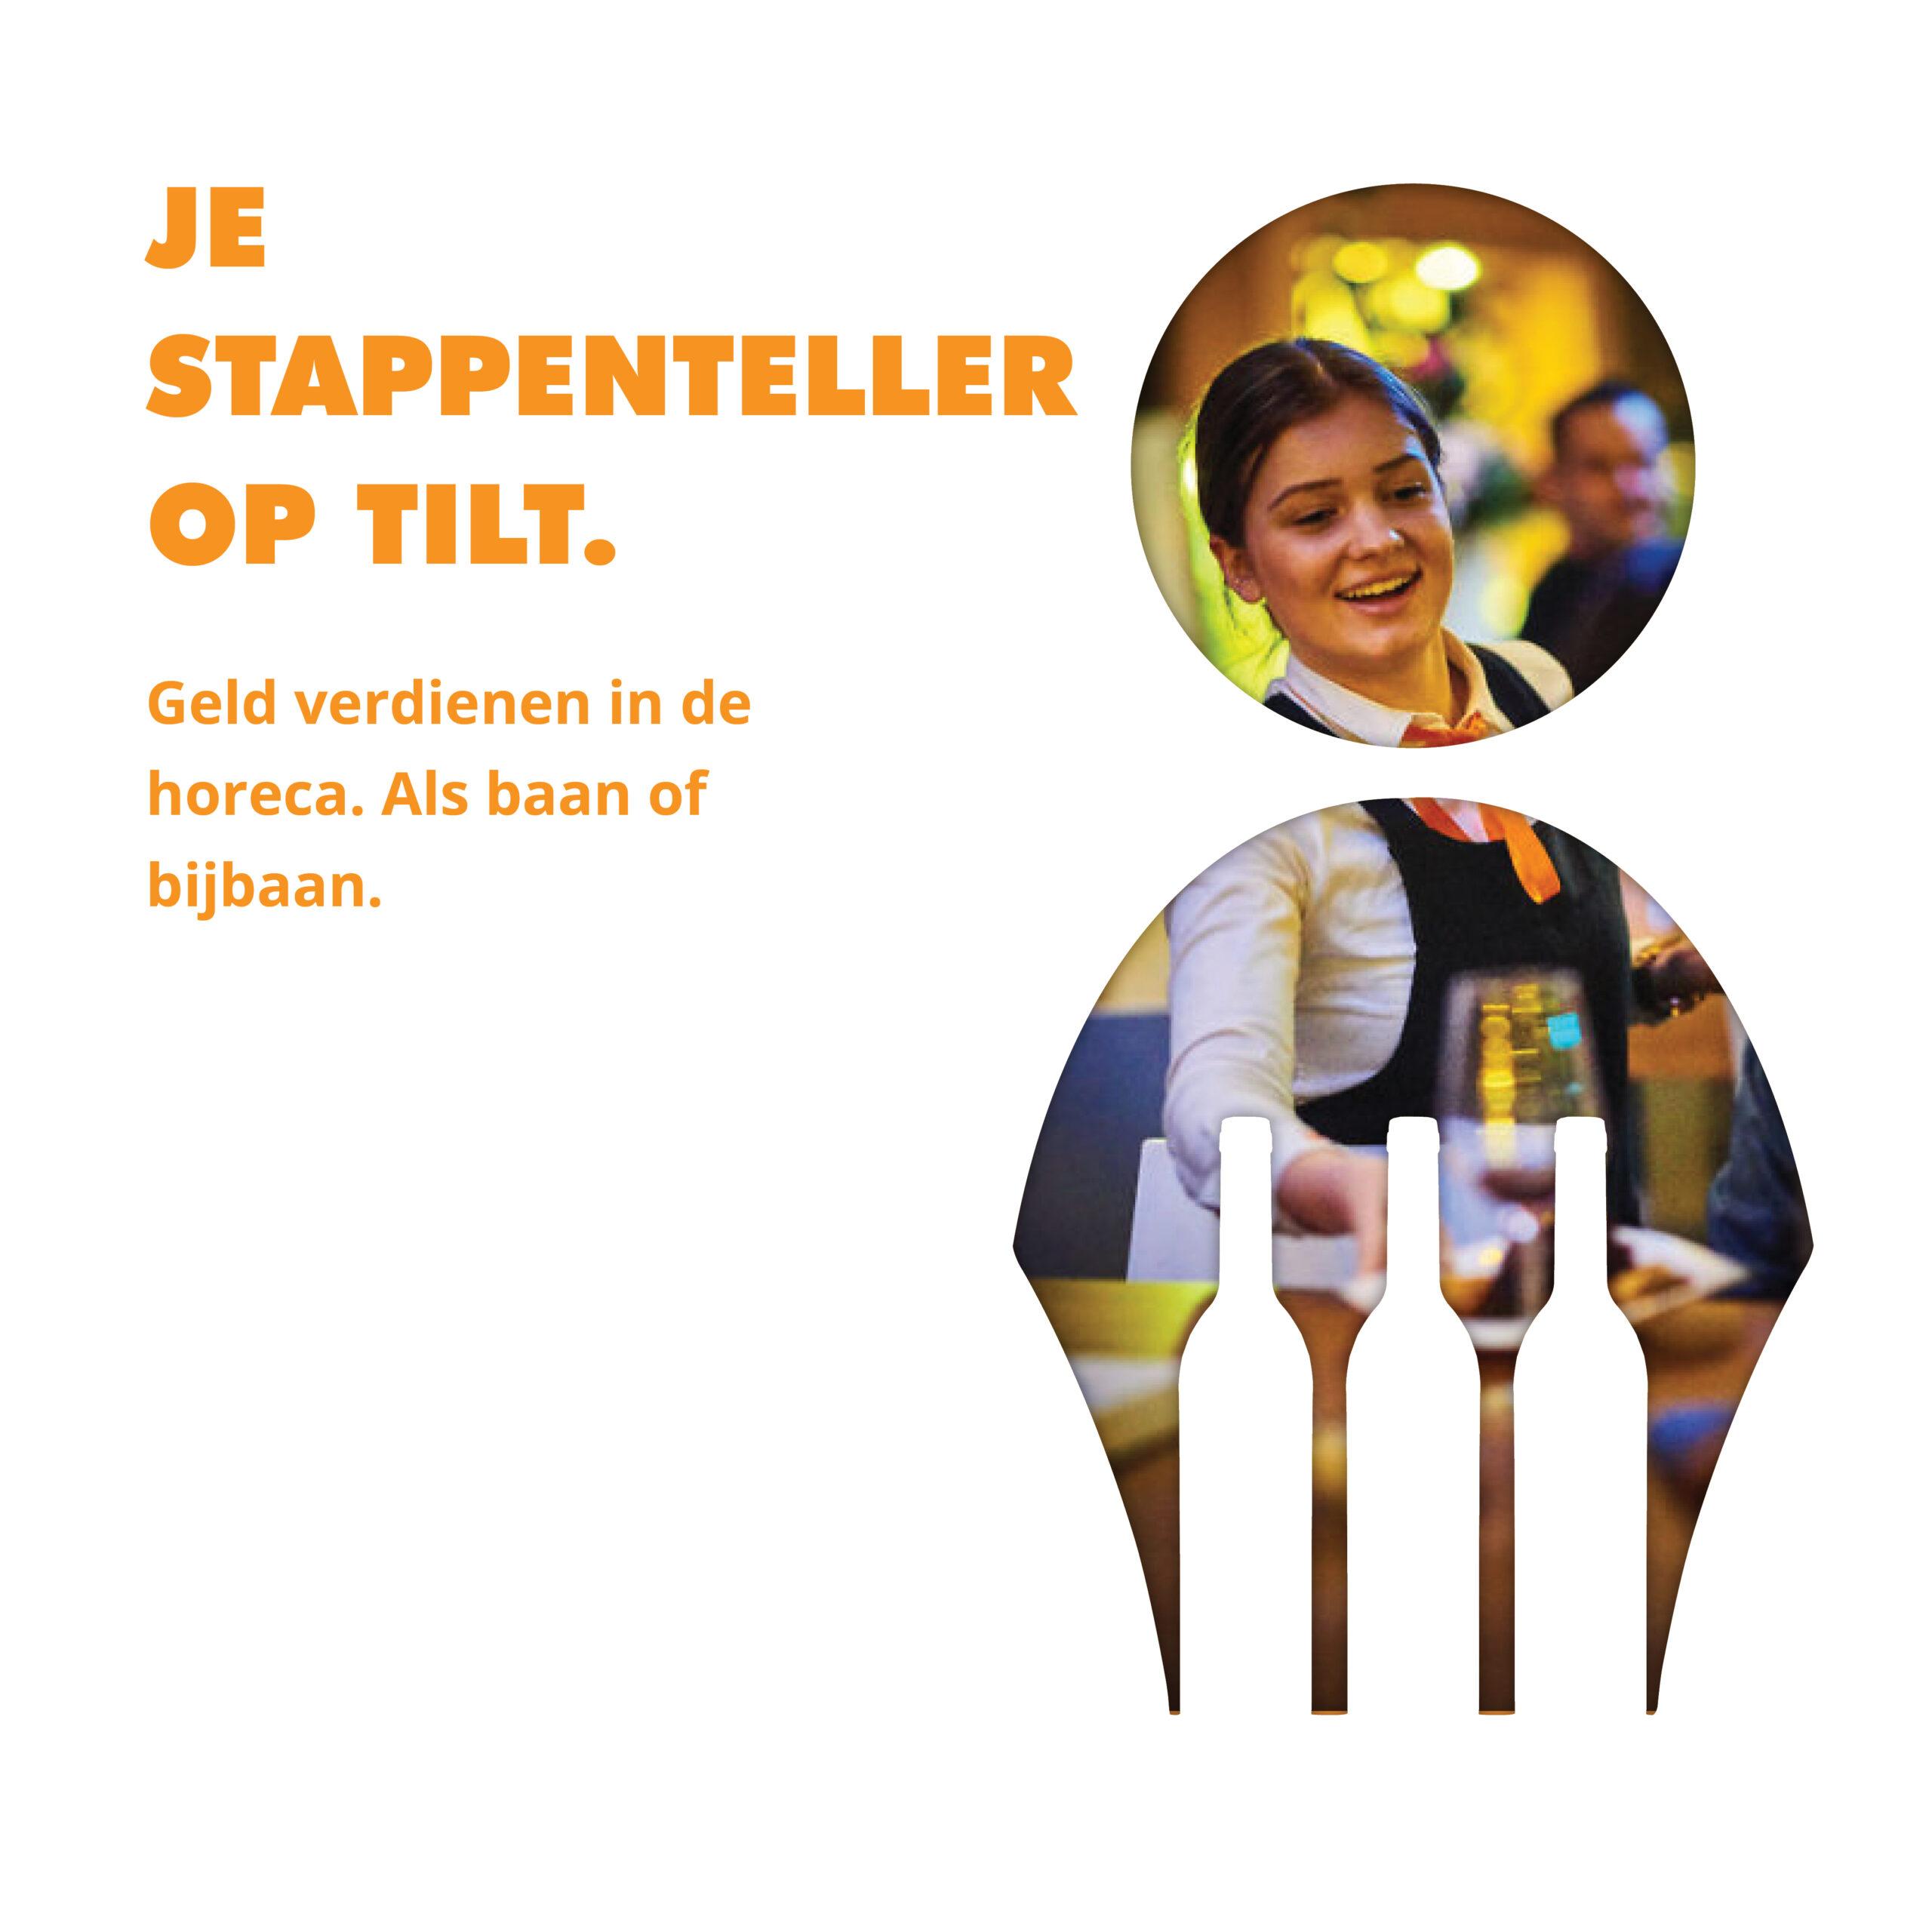 Werken bij PION baan bijbaan geld verdienen PION horeca promotie food entertainment Bergen op Zoom uitzendbureau personeel collega meewerken medewerker keuken